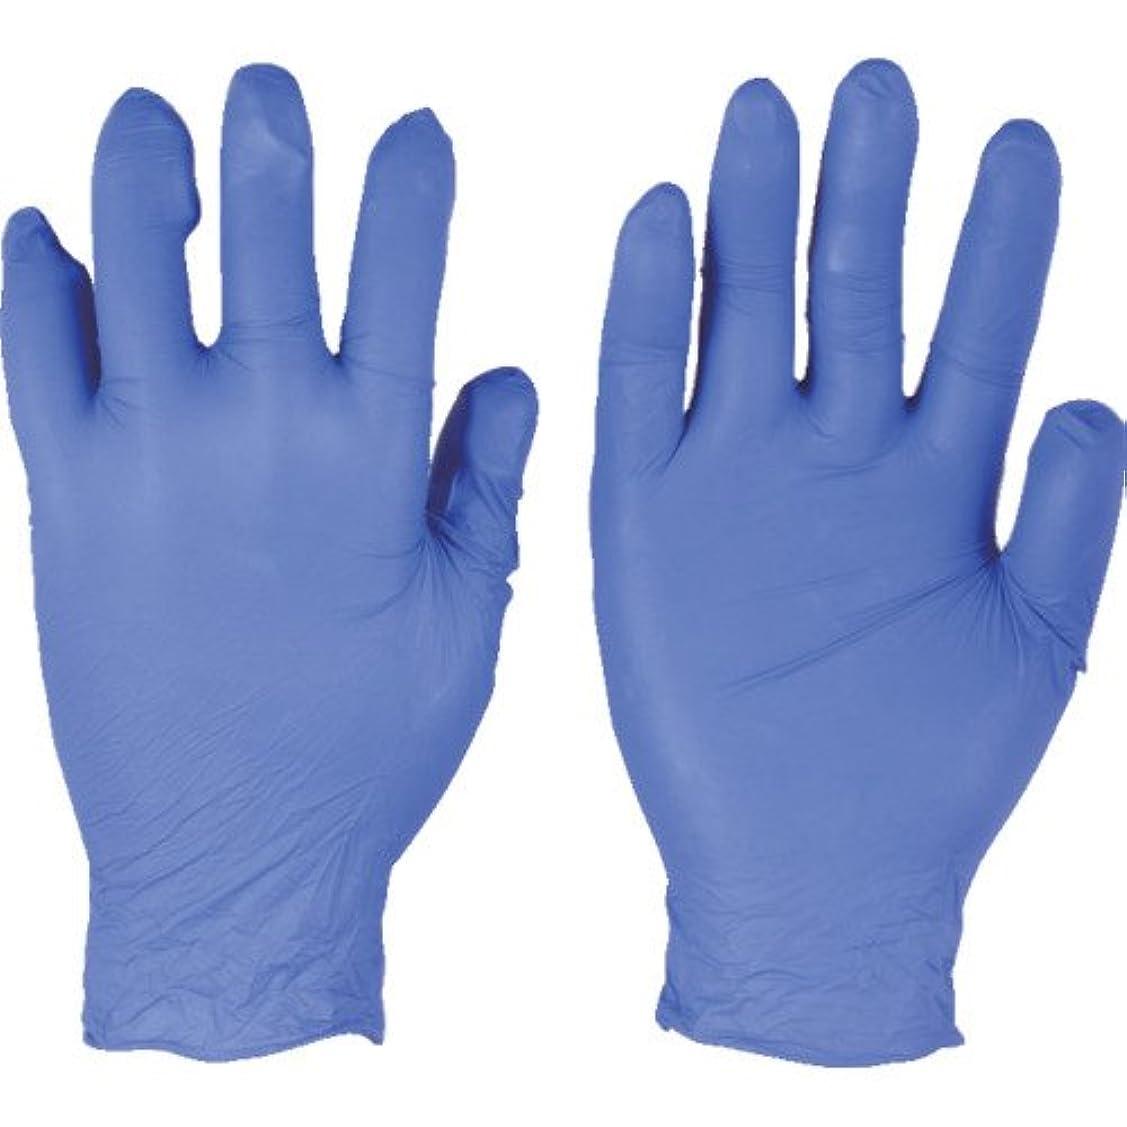 部分メディック床を掃除するトラスコ中山 アンセル ニトリルゴム使い捨て手袋 エッジ 82-133 XLサイズ(250枚入)   8213310